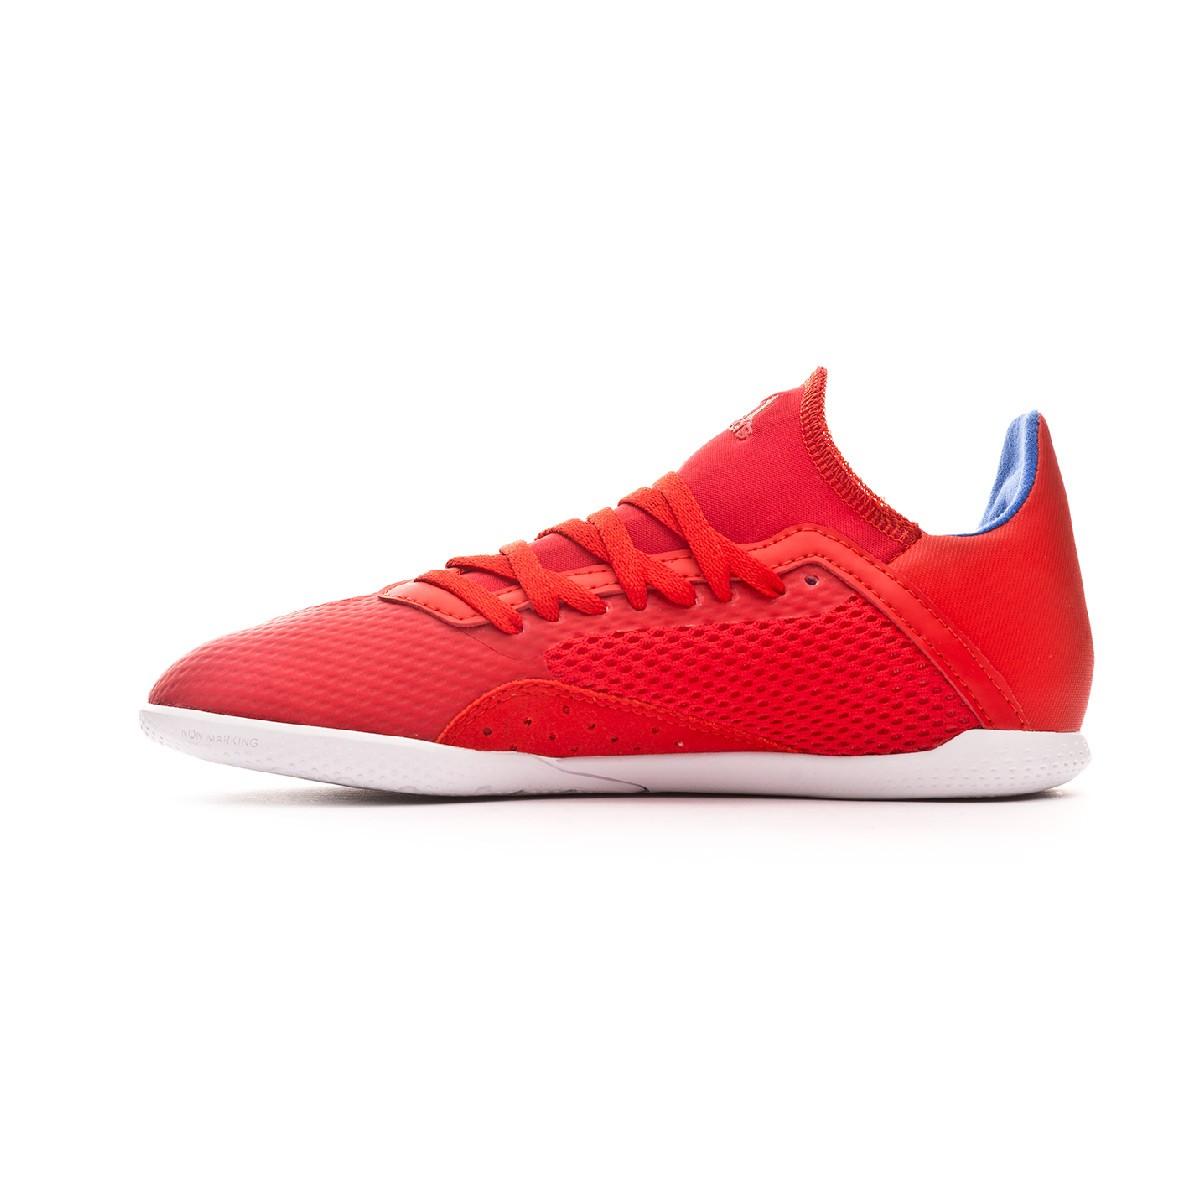 c97207390c937 Tenis adidas X Tango 18.3 IN Niño Active red-Silver metallic-Bold blue -  Tienda de fútbol Fútbol Emotion